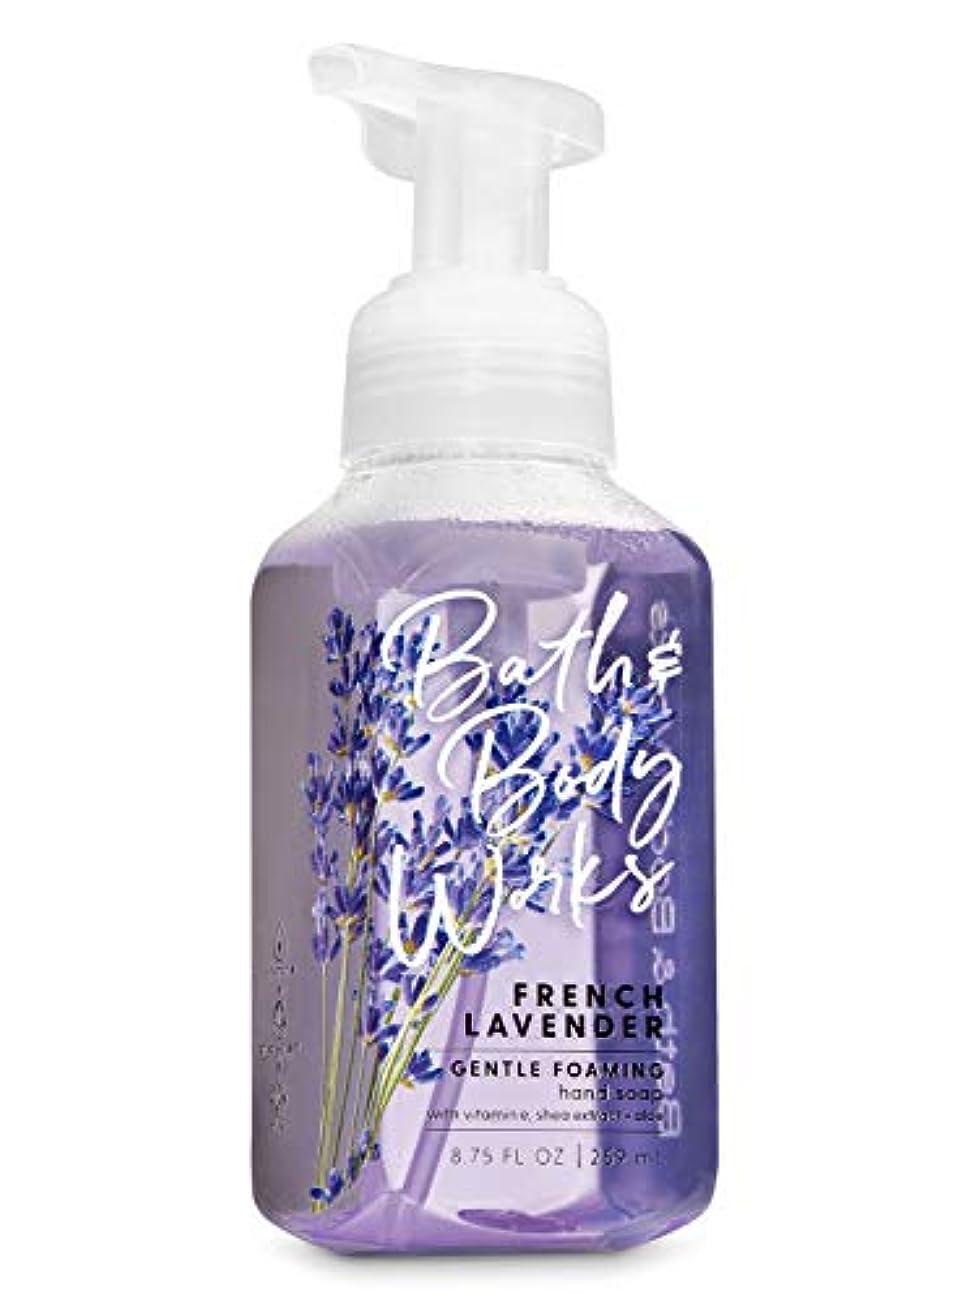 広い猟犬緩むバス&ボディワークス フレンチラベンダー ジェントル フォーミング ハンドソープ French Lavender Gentle Foaming Hand Soap